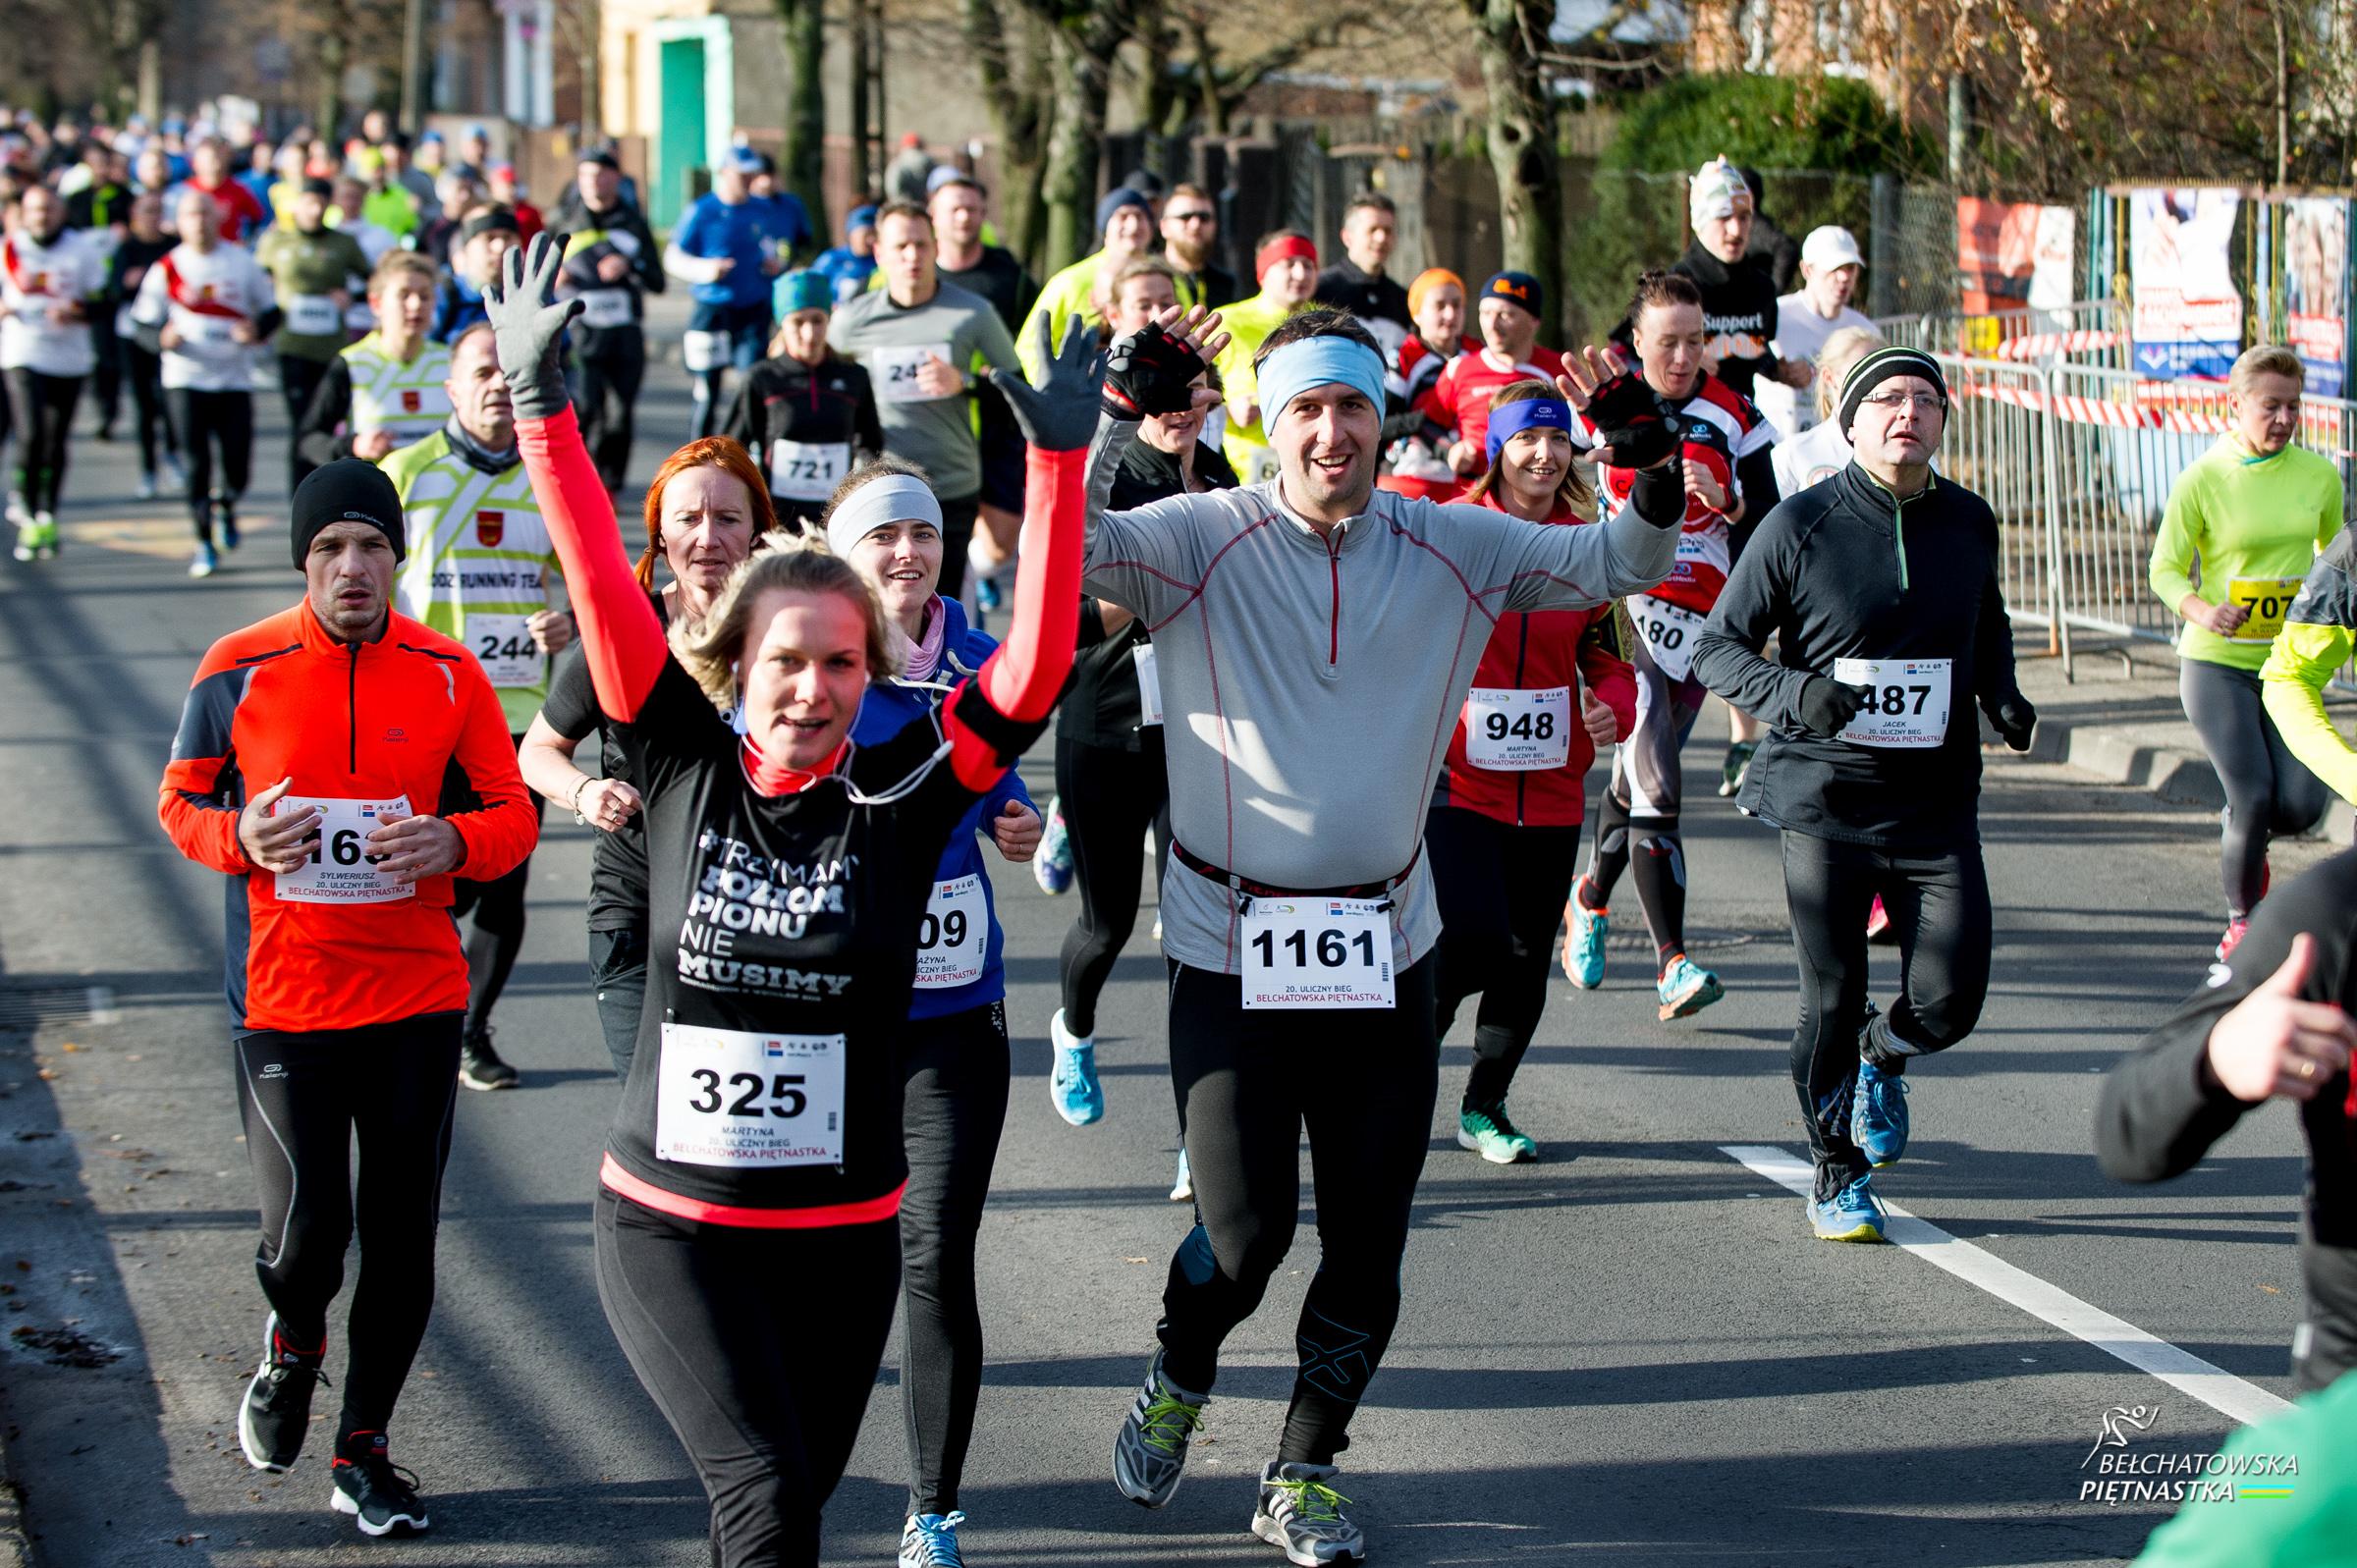 """na zdjęciu widoczna grupa biegaczy w trakcie biegu pn. """"Bełchatowska Piętnastka"""""""